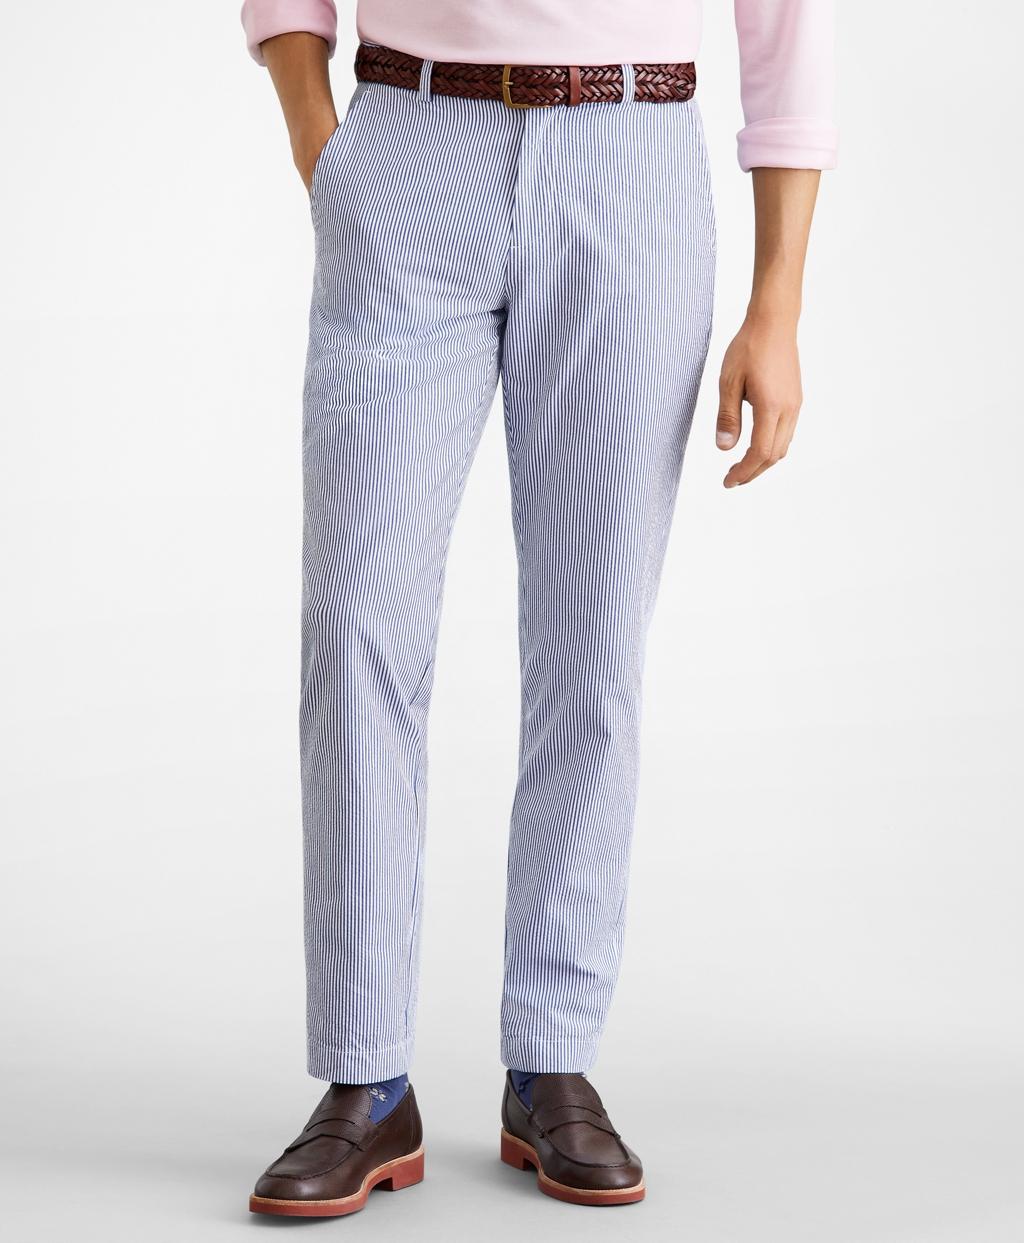 Men's Vintage Pants, Trousers, Jeans, Overalls Brooks Brothers Mens Extra Slim Fit Stripe Seersucker Pants $49.25 AT vintagedancer.com